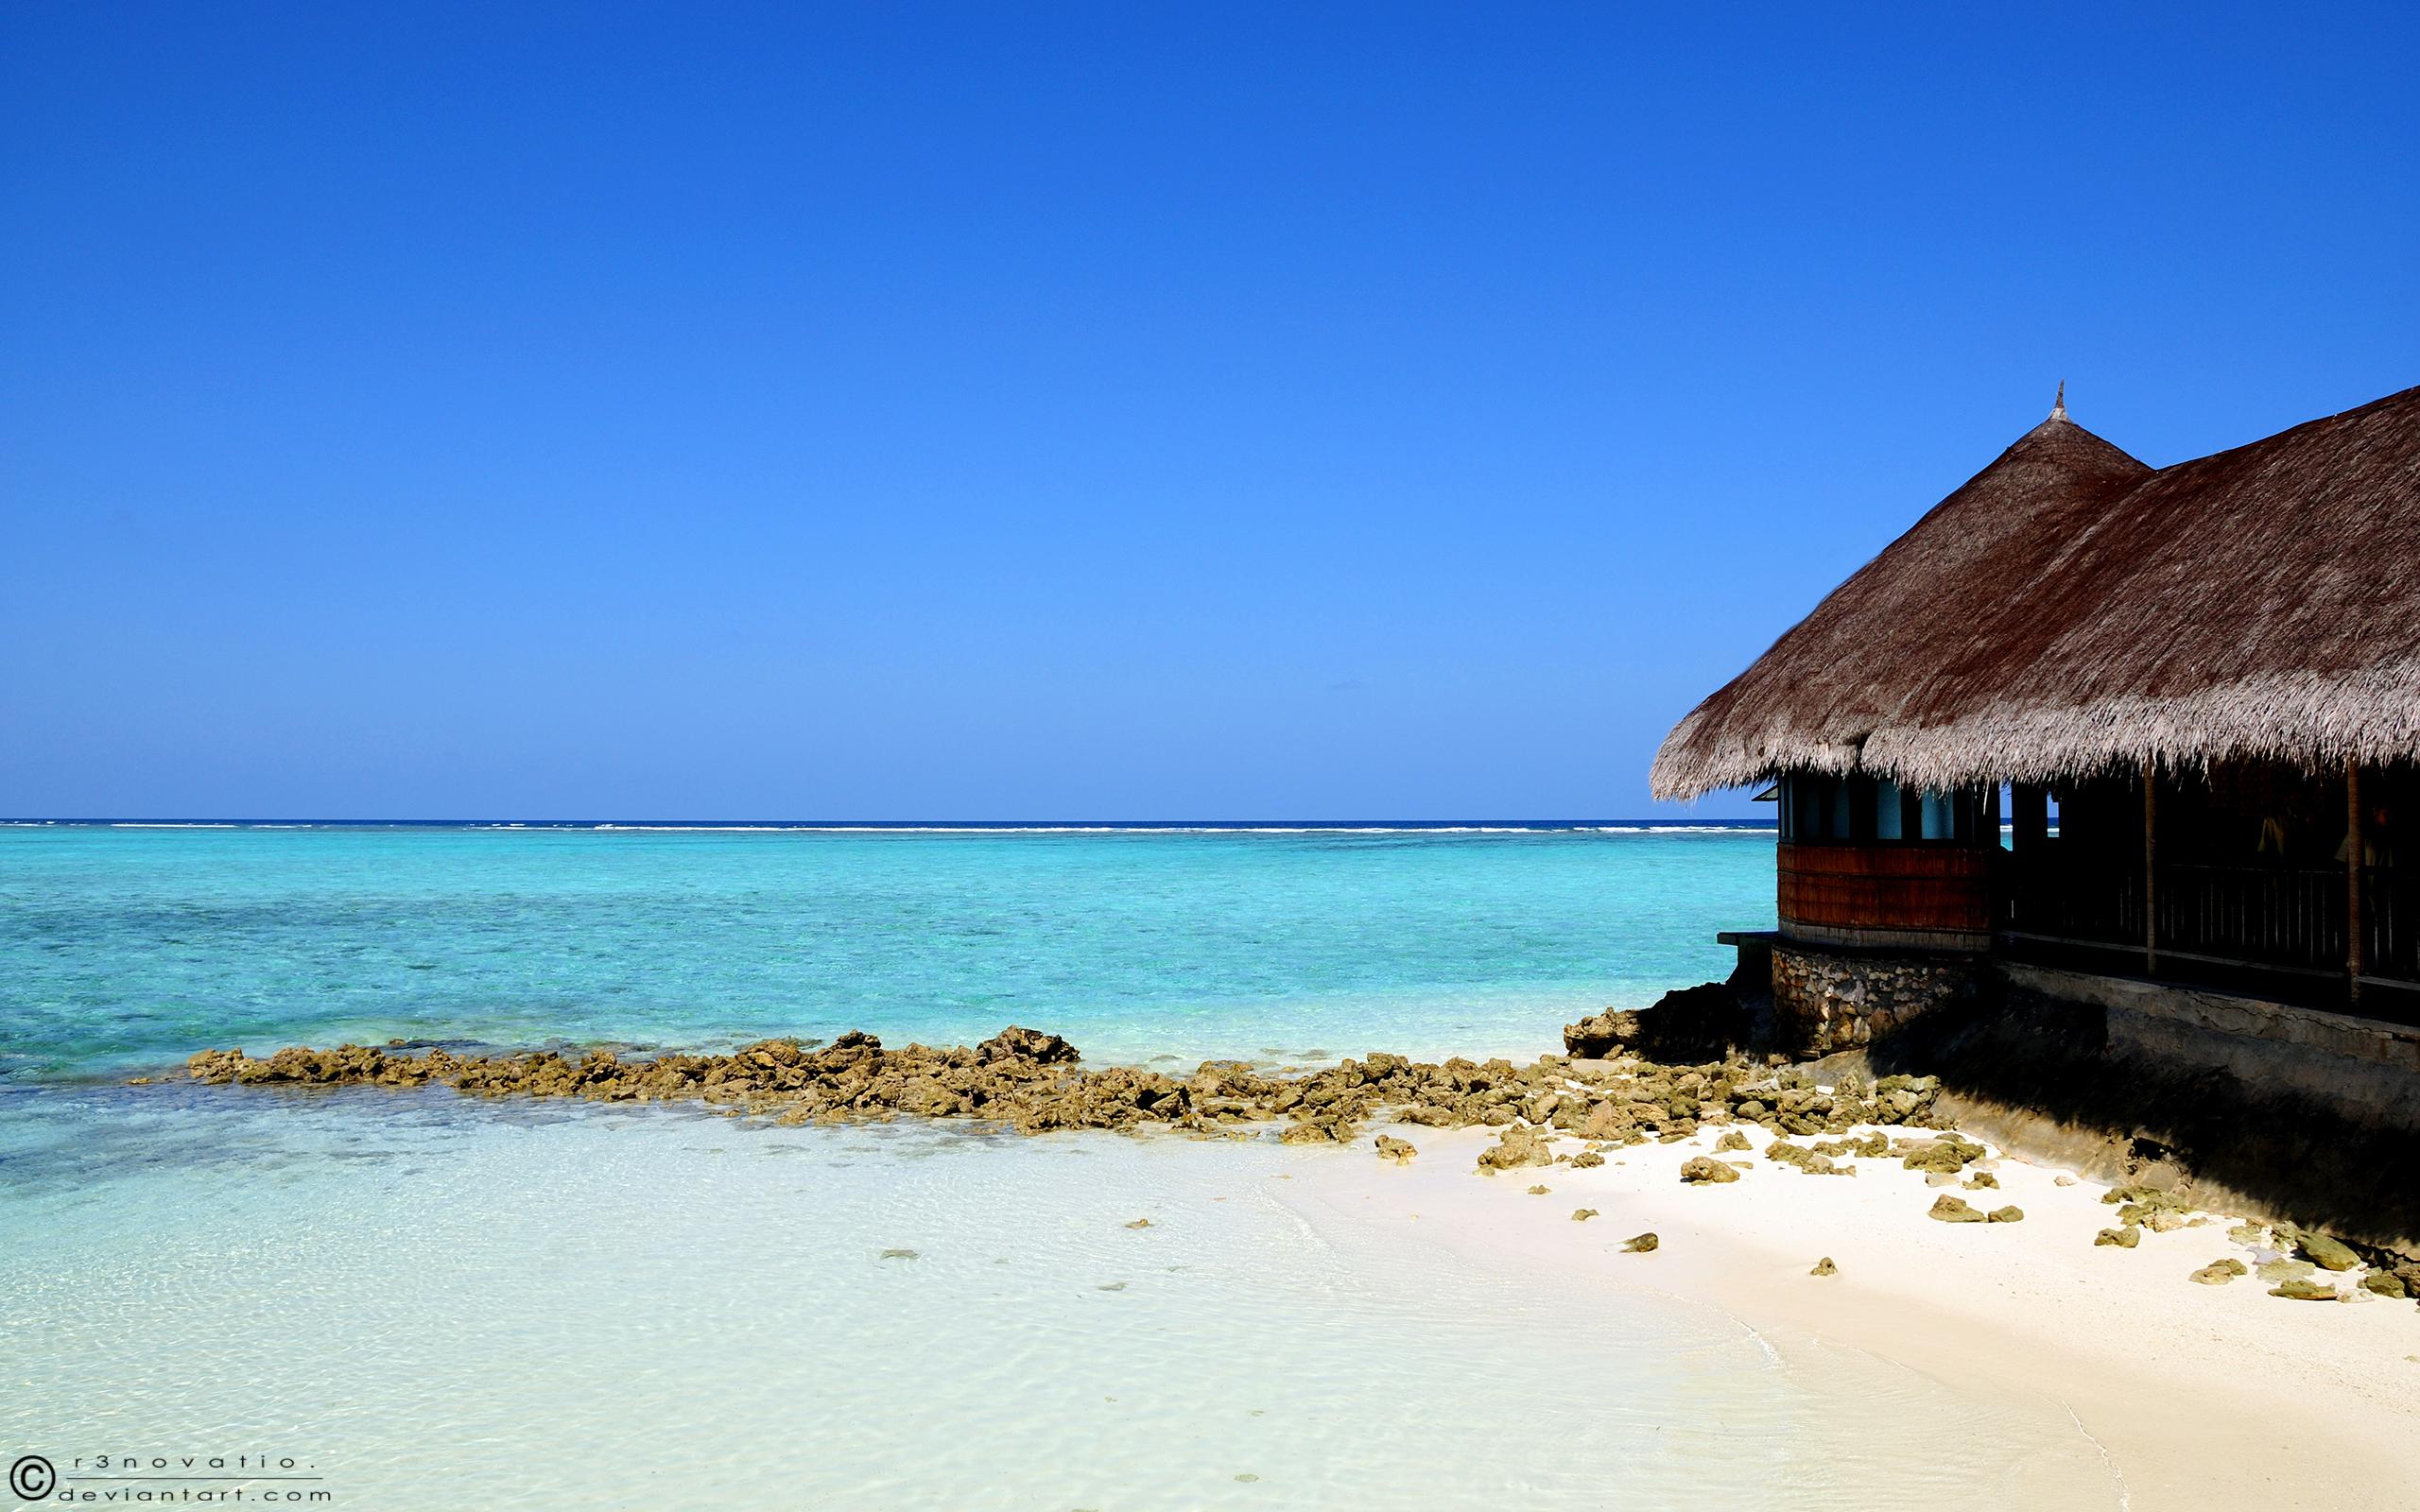 Playas de aguas celestes - 2560x1600